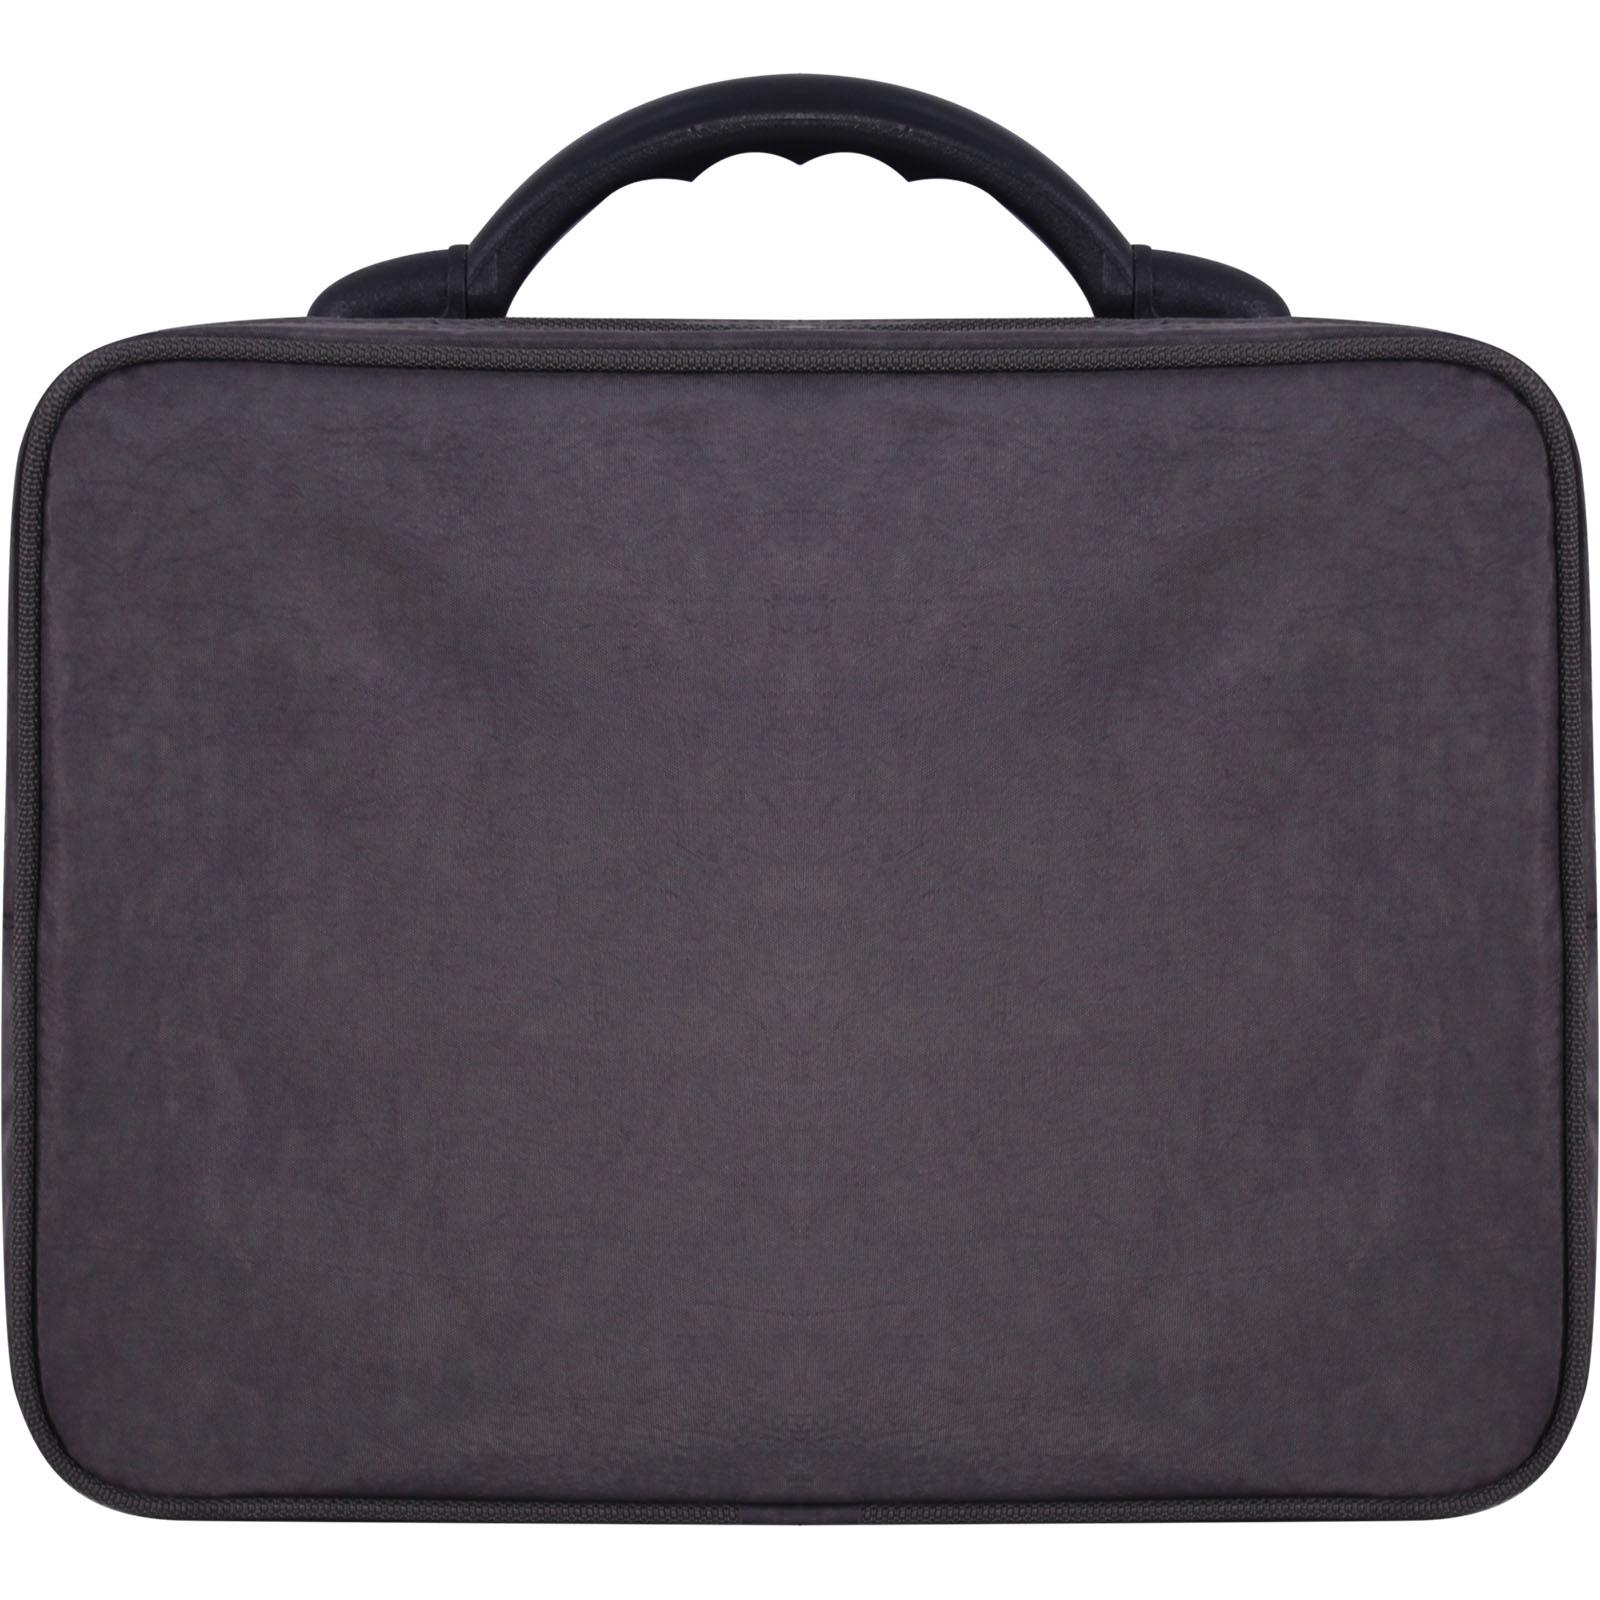 Мужская сумка Bagland Mr.Cool 15 л. Хаки (0025170) фото 4